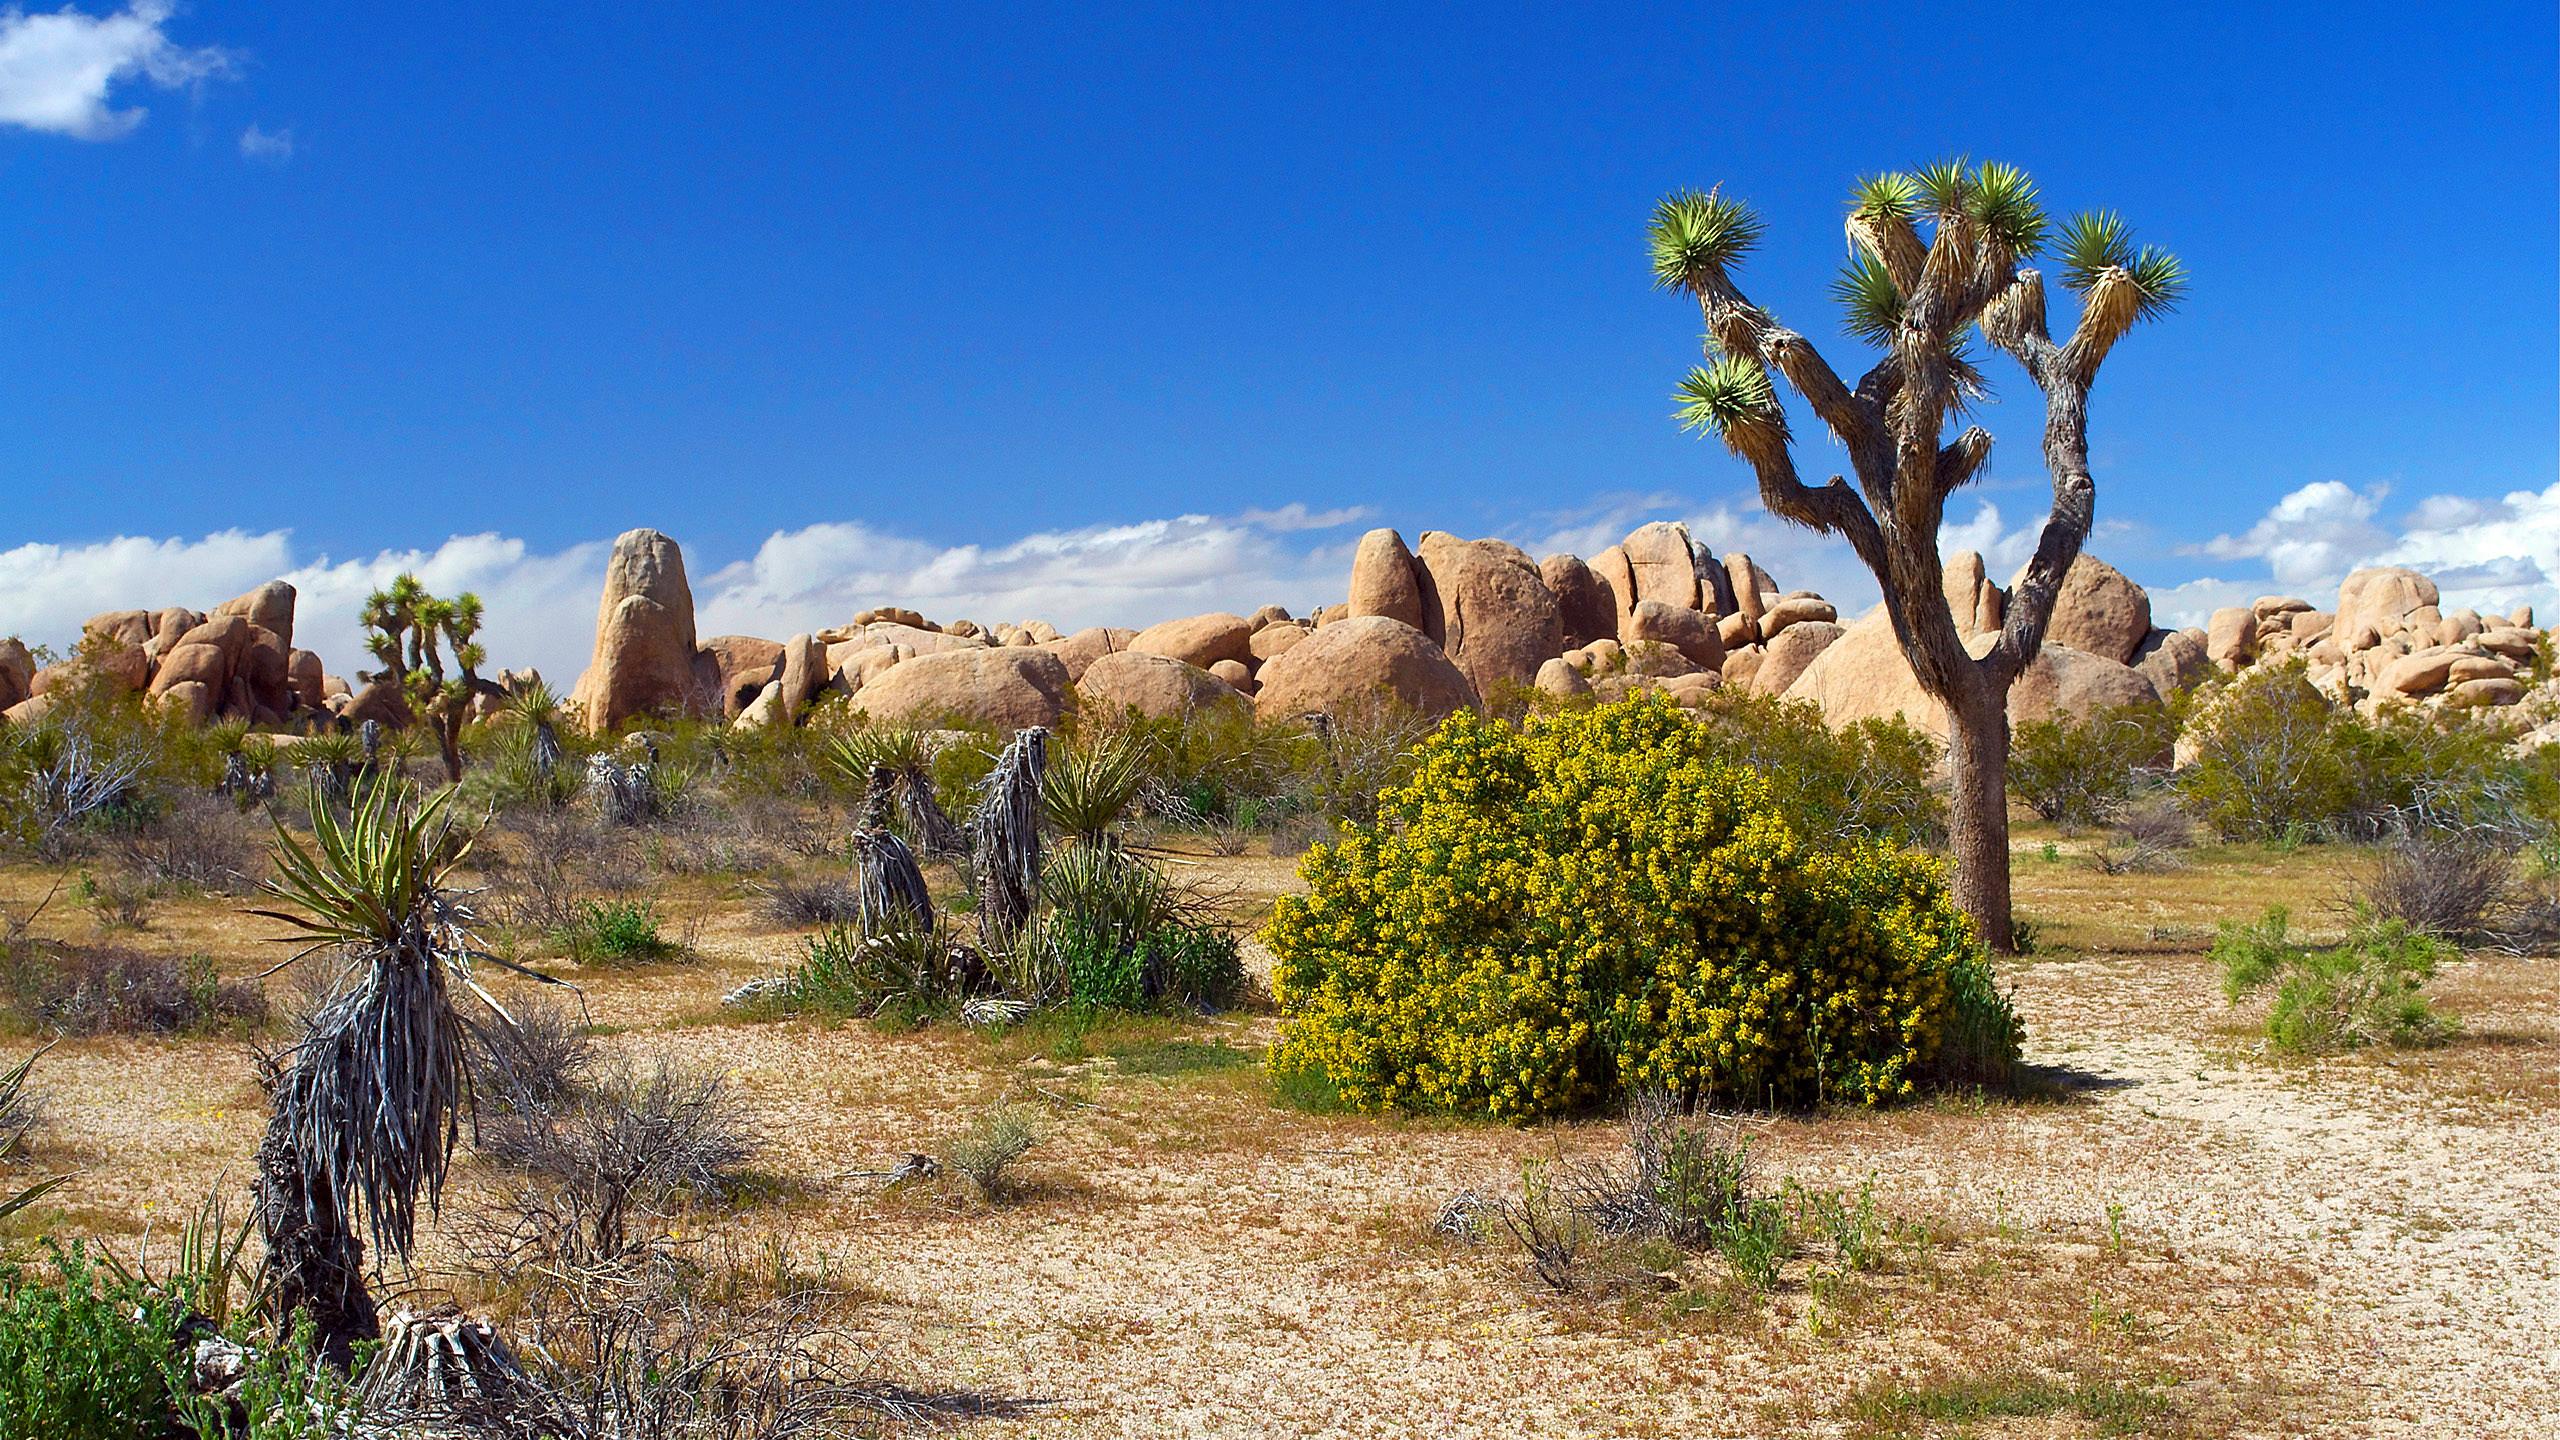 природа животные пустыня  № 3146365 бесплатно